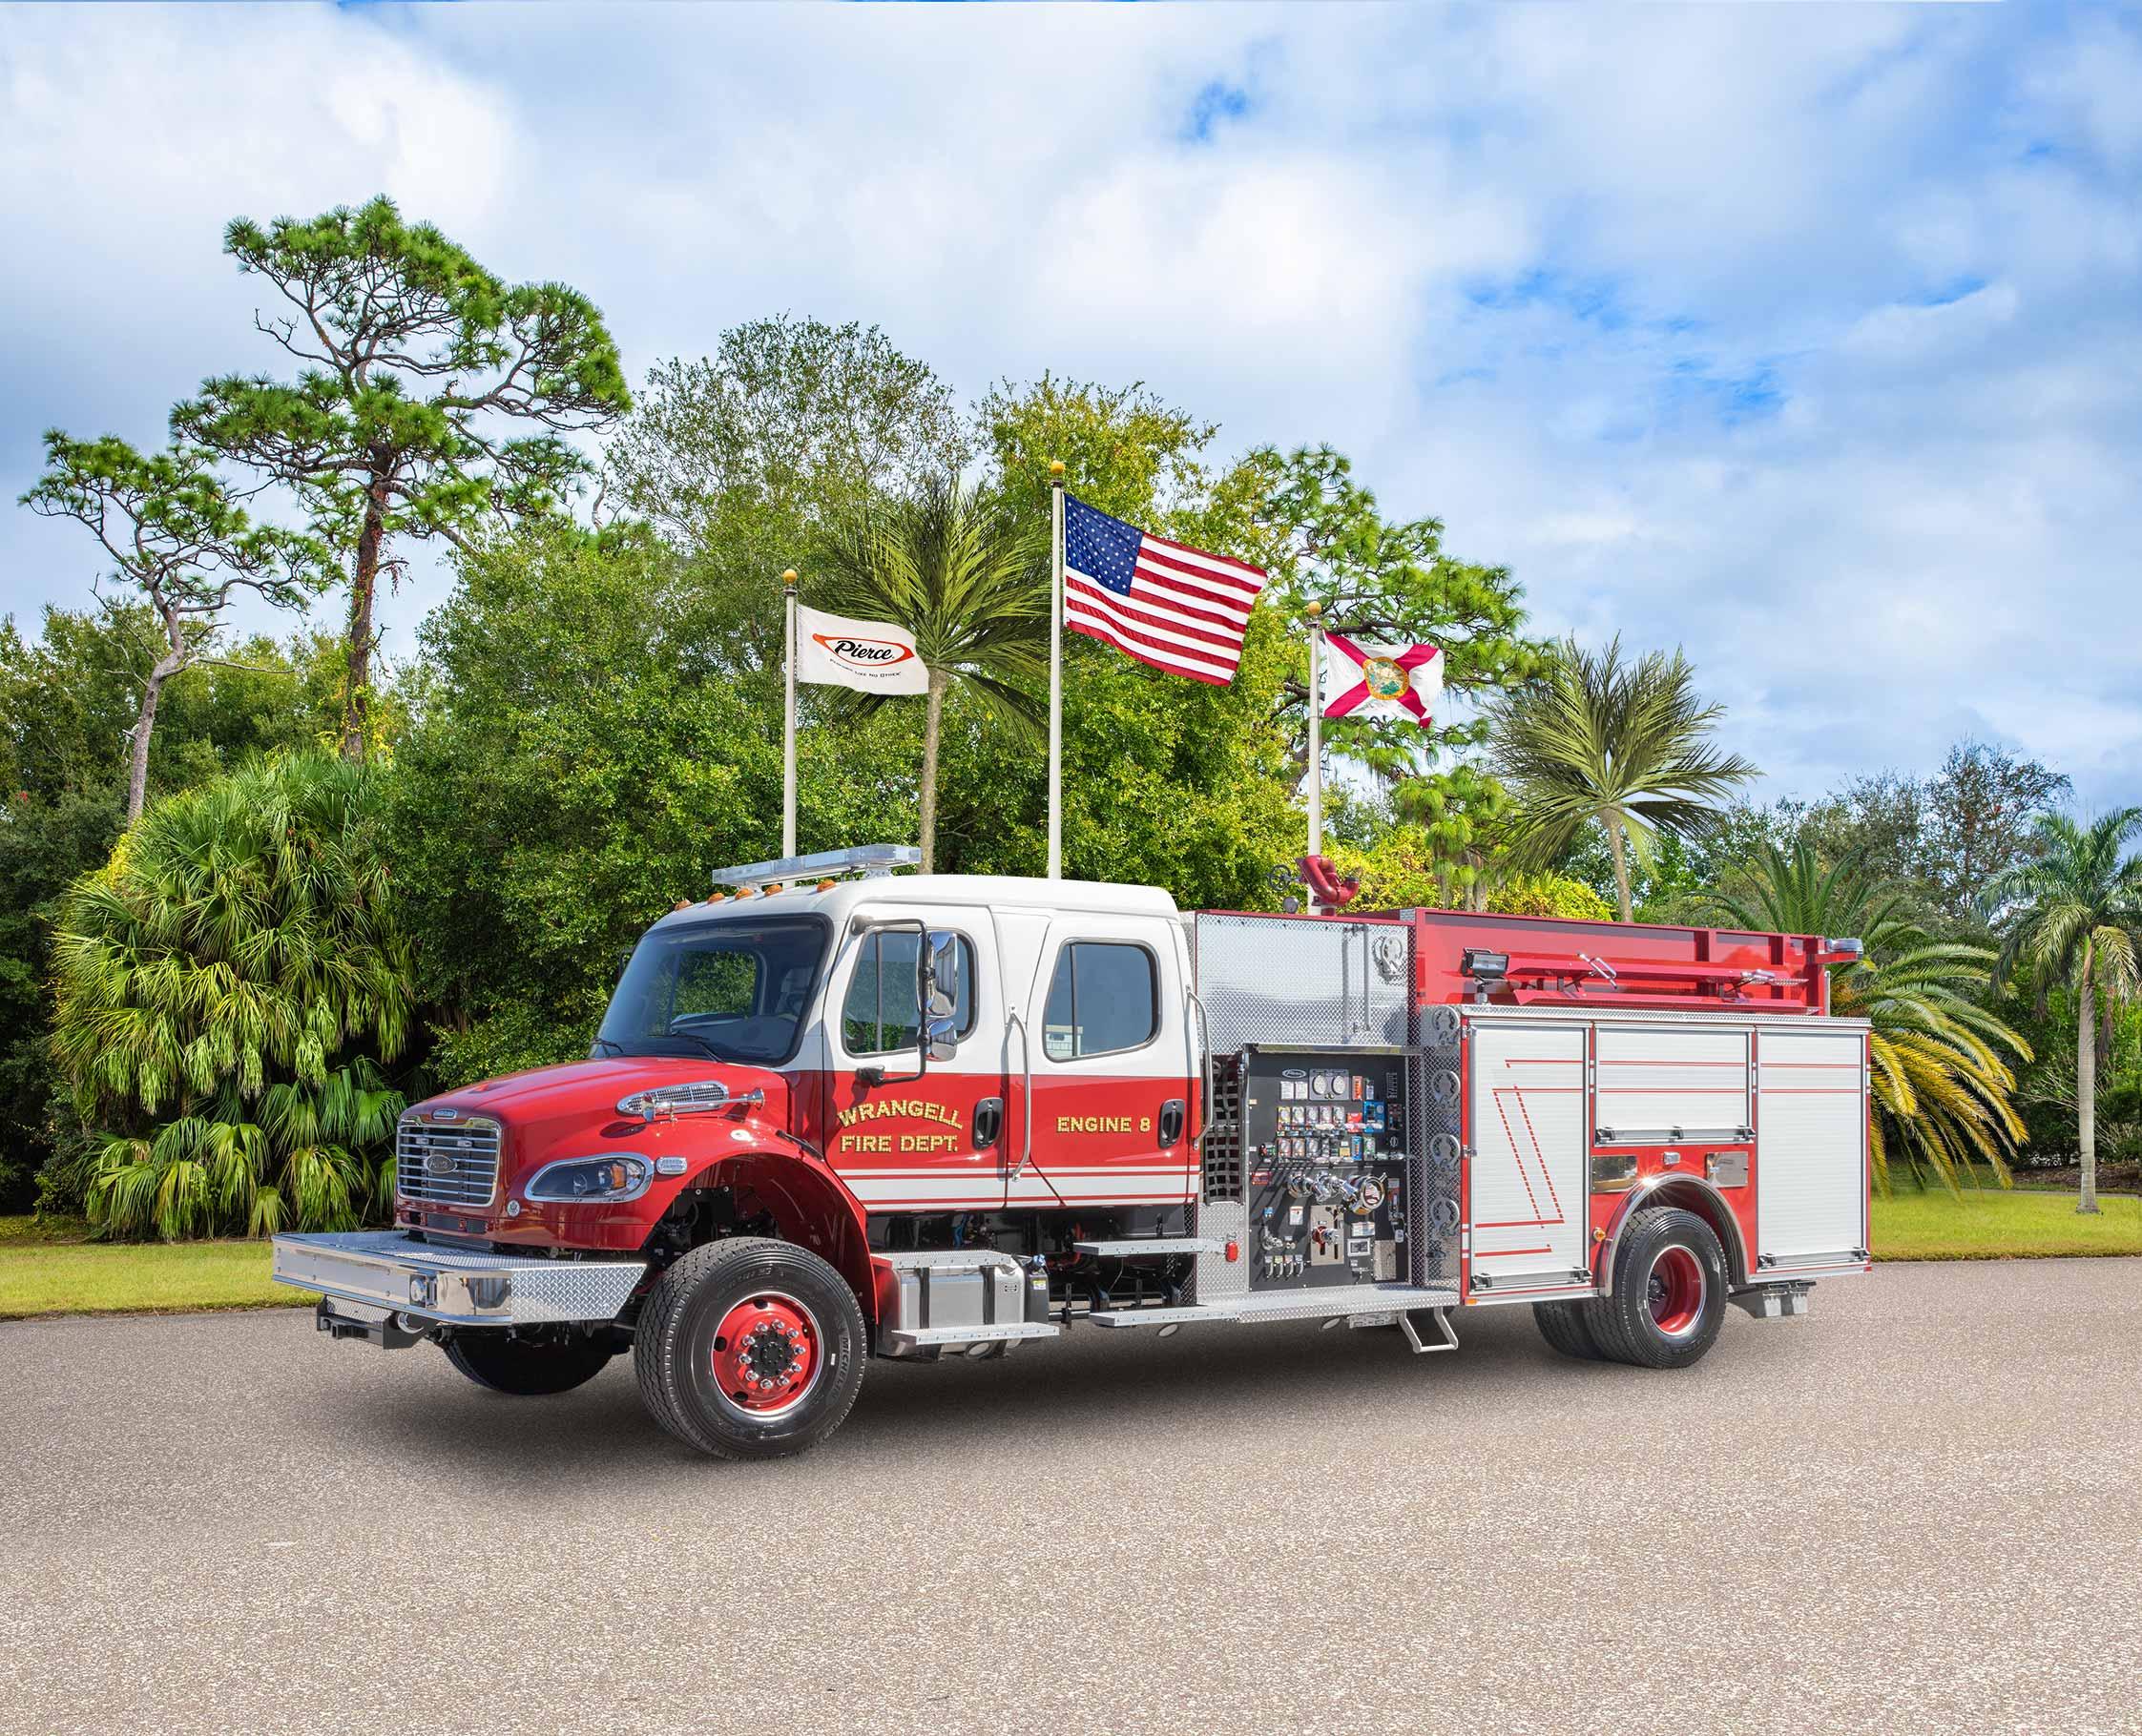 Wrangell Volunteer Fire Department - Pumper